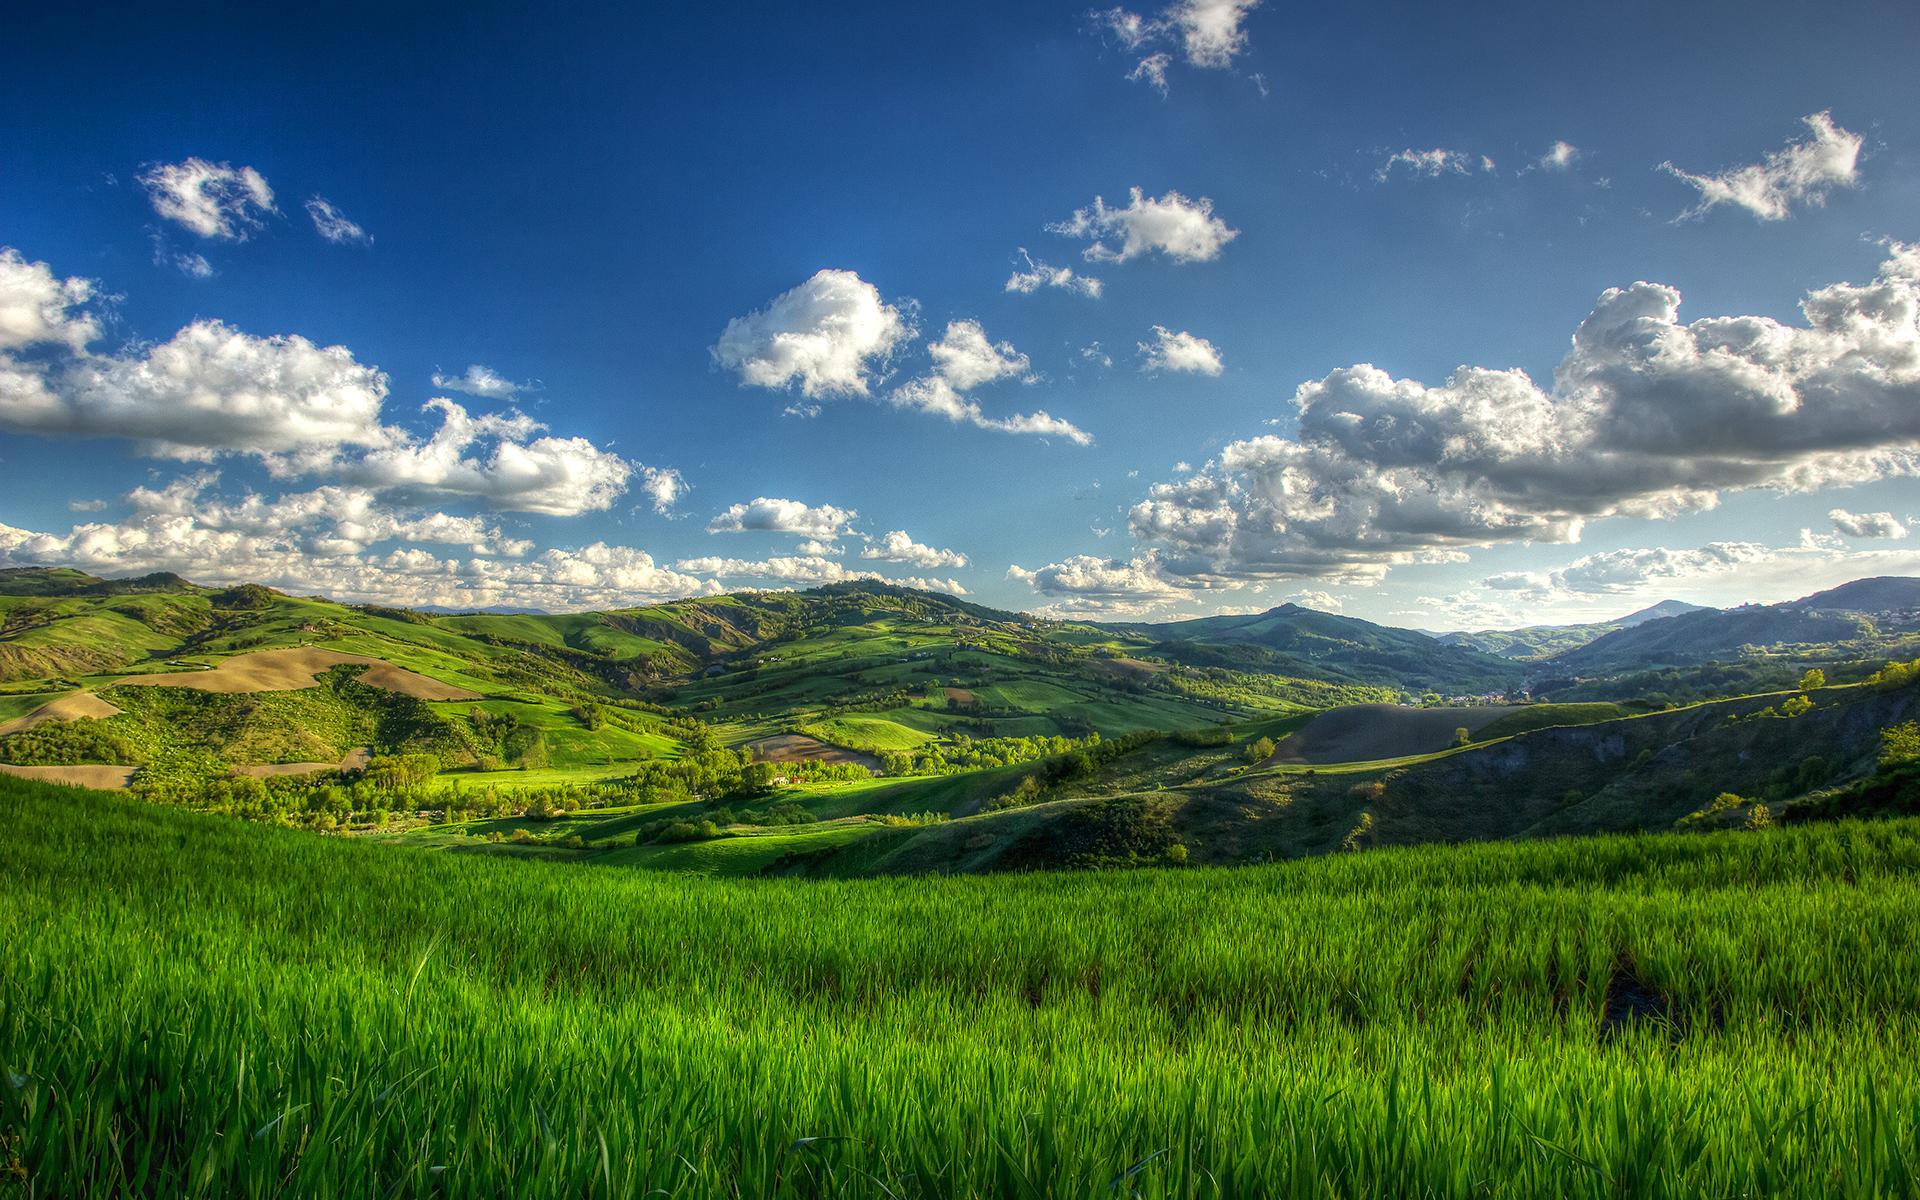 Зеленое поле возле горы  № 1077765 бесплатно